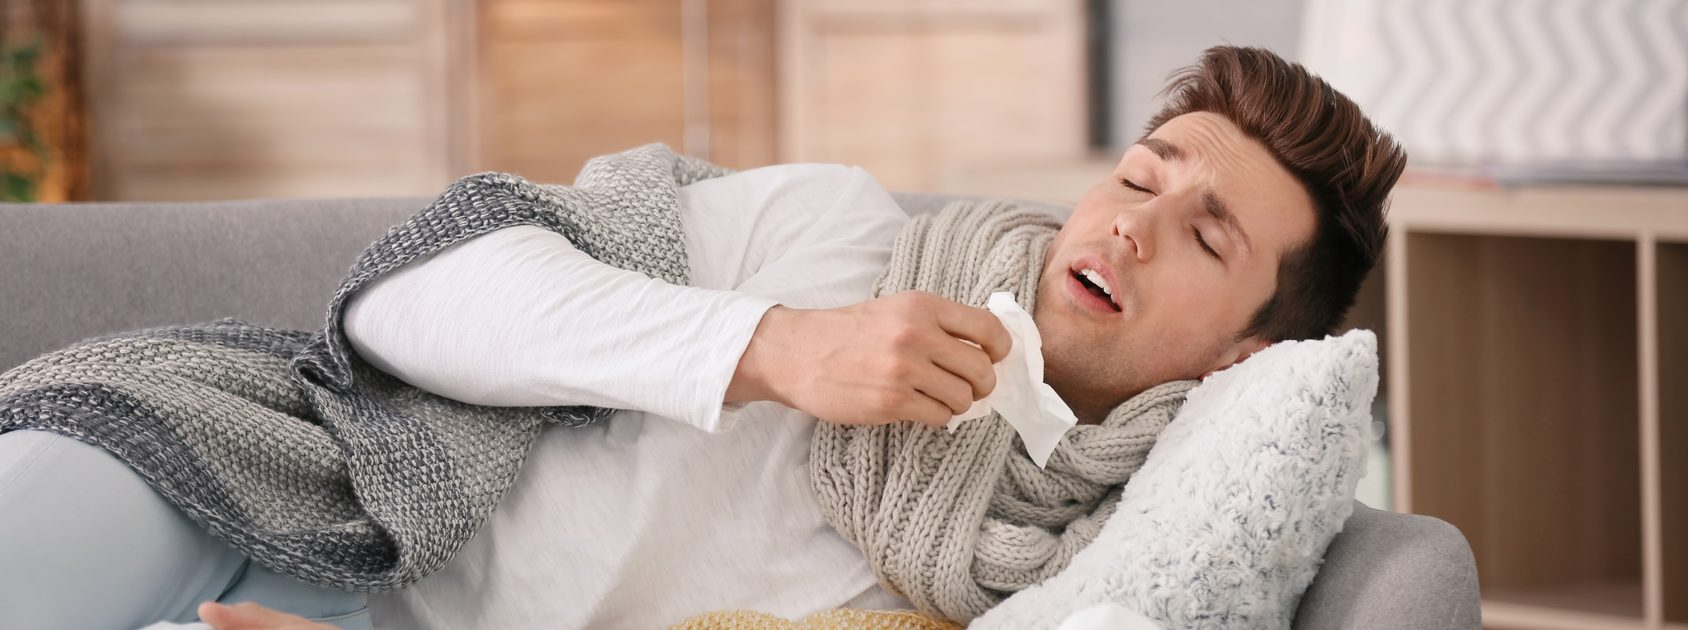 Viraler Infekt: Mann liegt mit Erkältung am Sofa